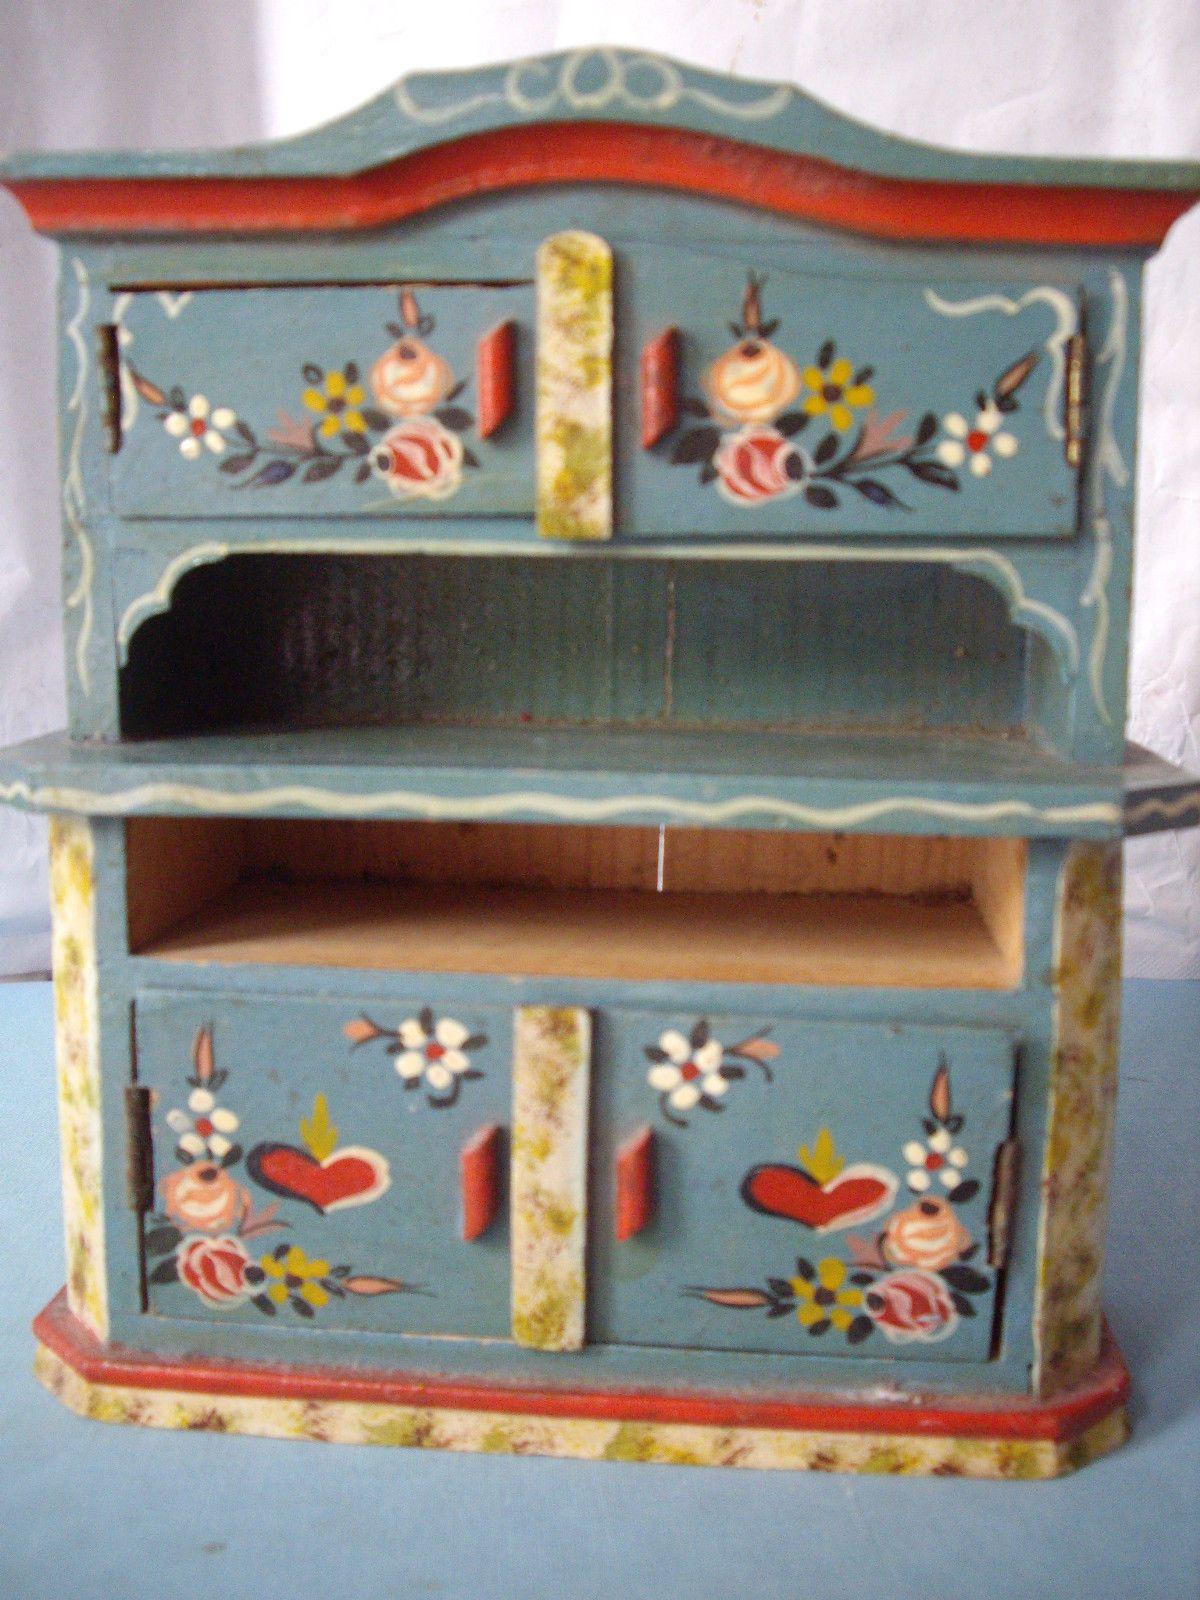 entzückend bemalter Küchenschrank für Puppenstube - 50er Jahre ...